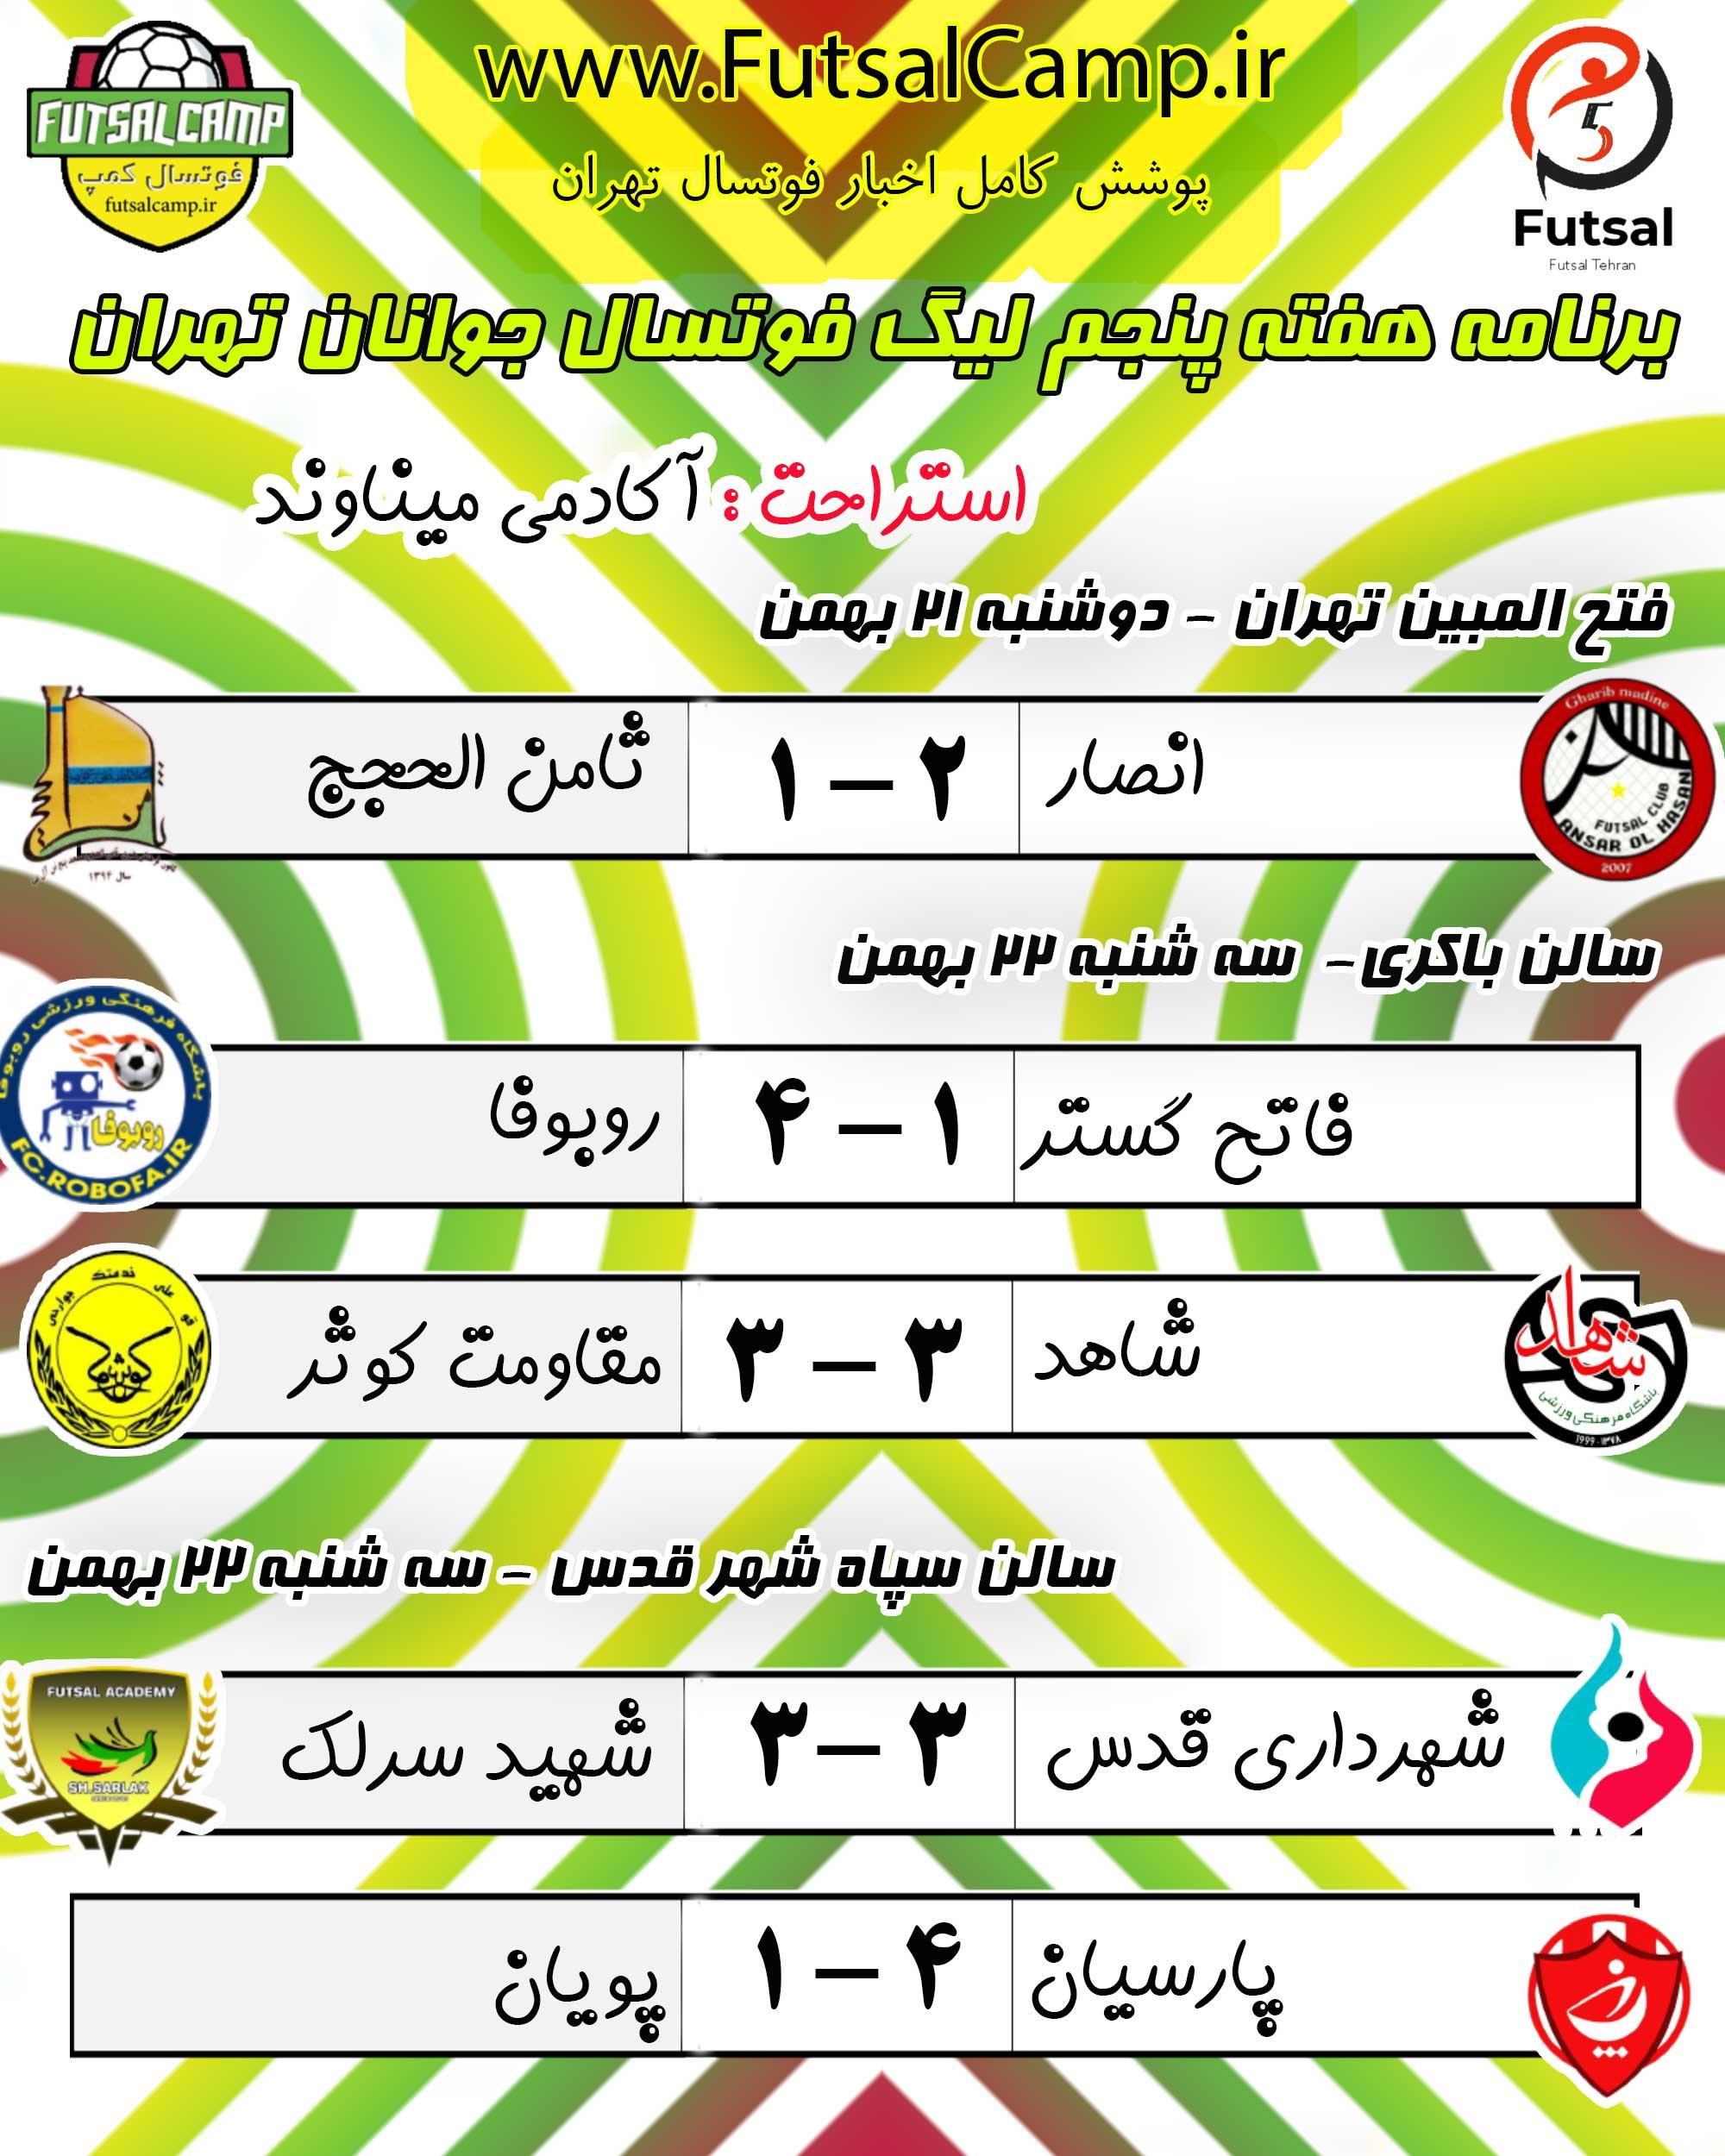 نتایج هفته پنجم لیگ فوتسال جوانان تهران